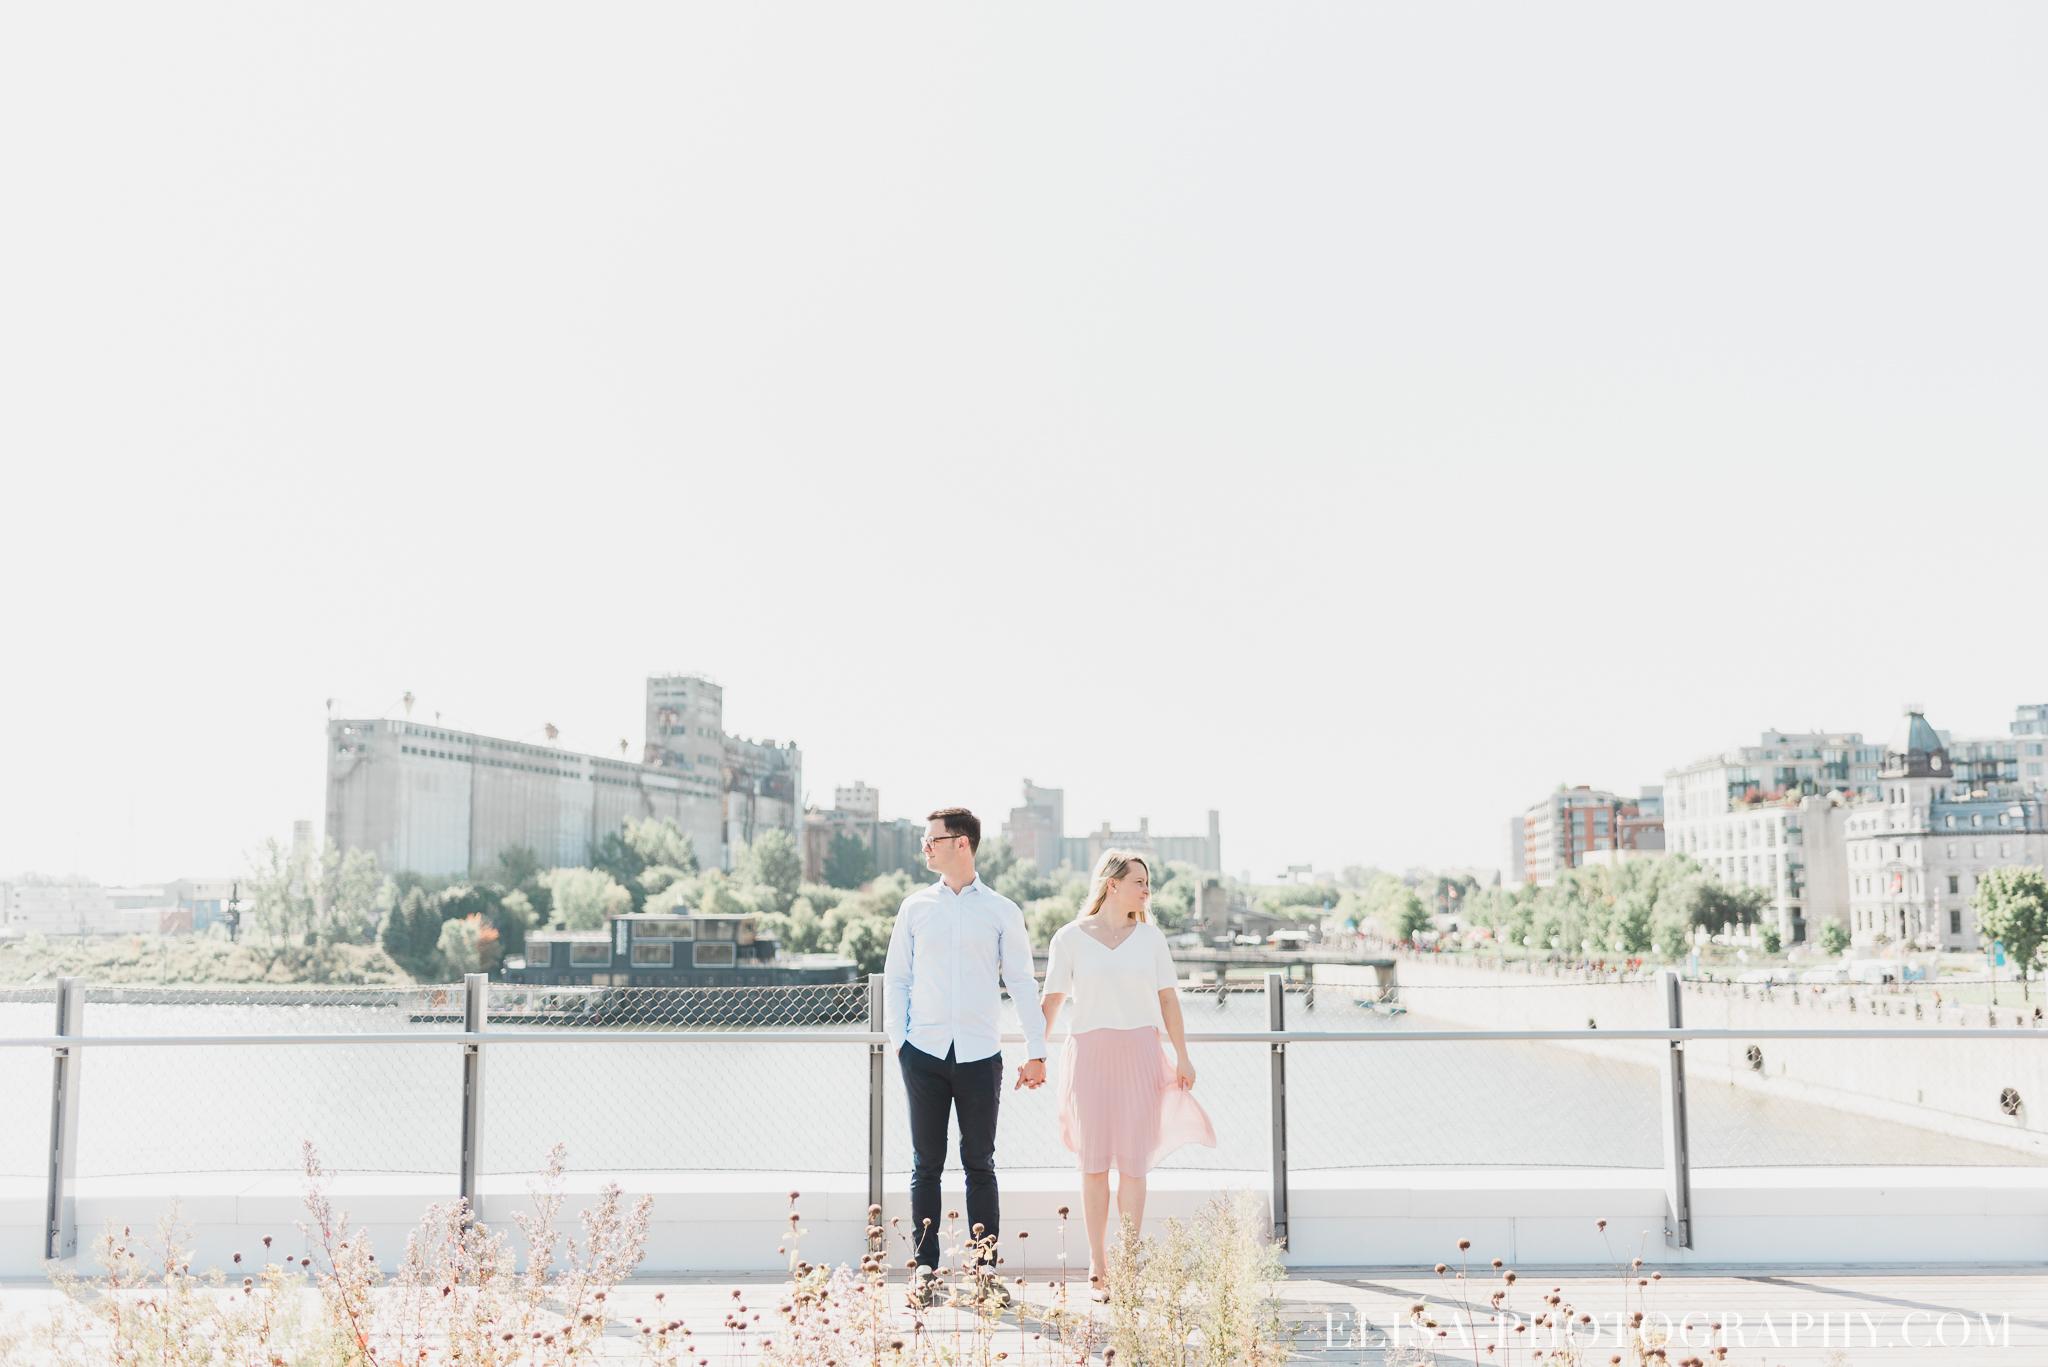 photo couple fiançailles engagement vieux port montreal lumineuse naturelle romantique 9514 - Séance fiançailles dans le vieux-port